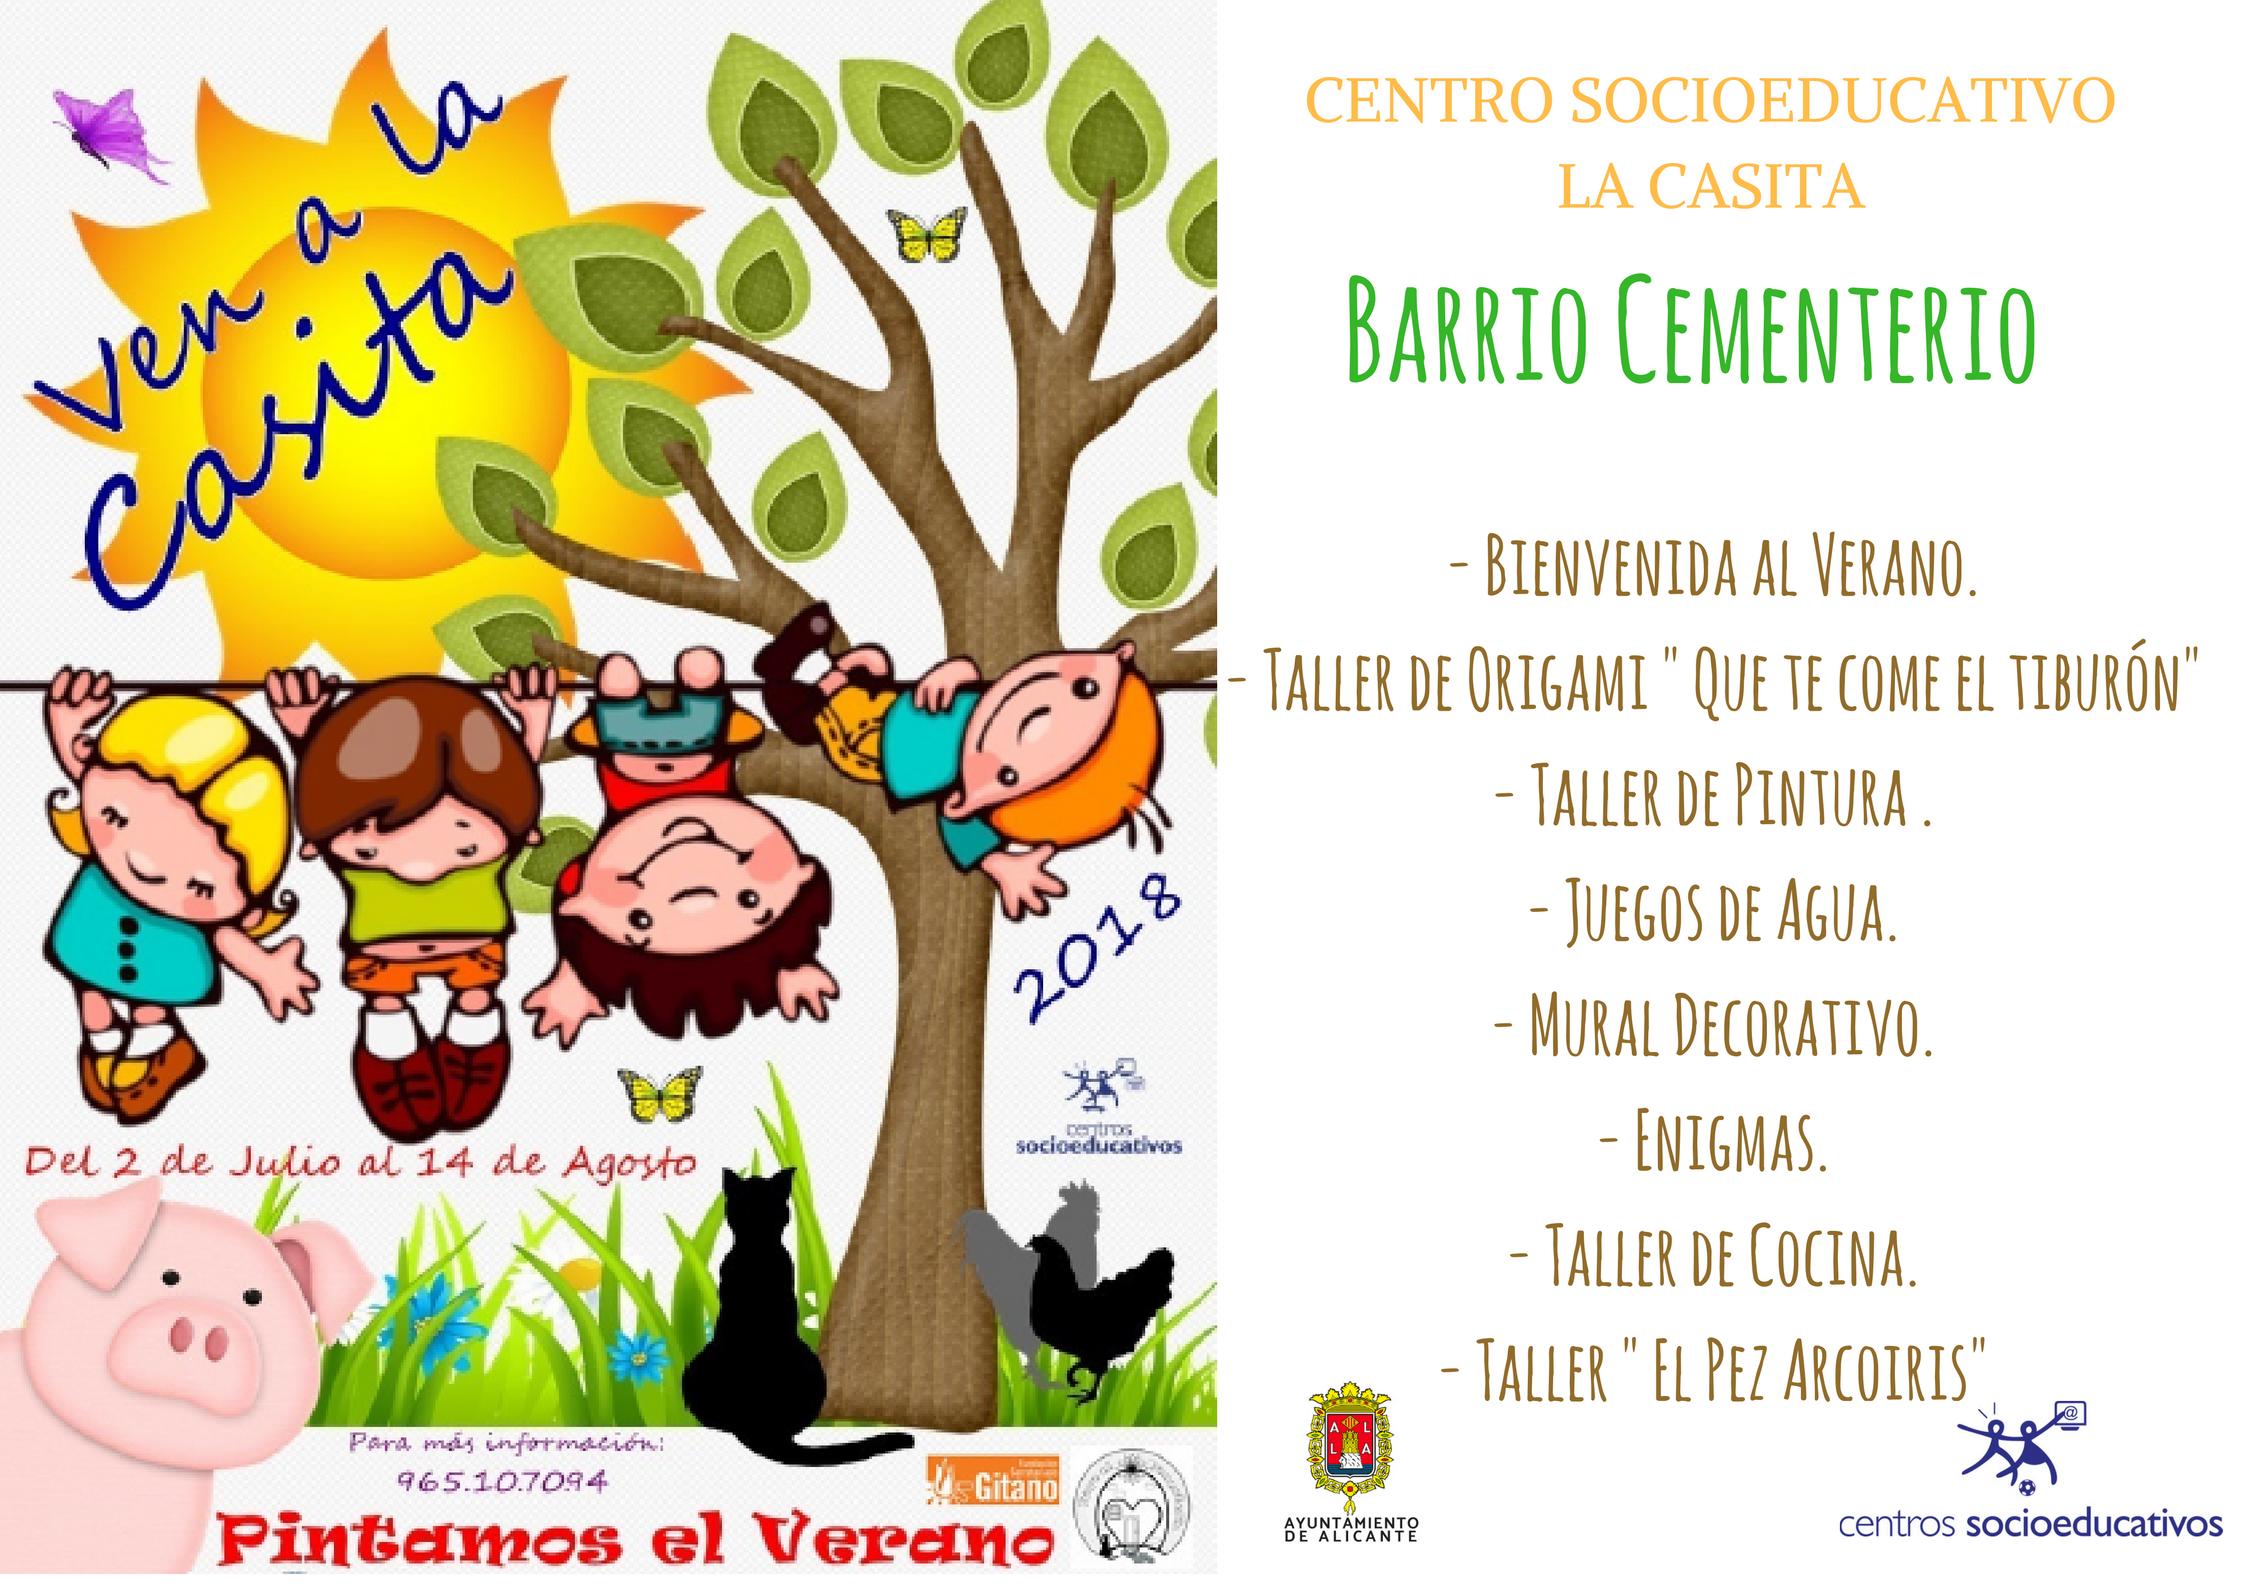 Actividades Infantiles En La Casita Barrio Cementerio